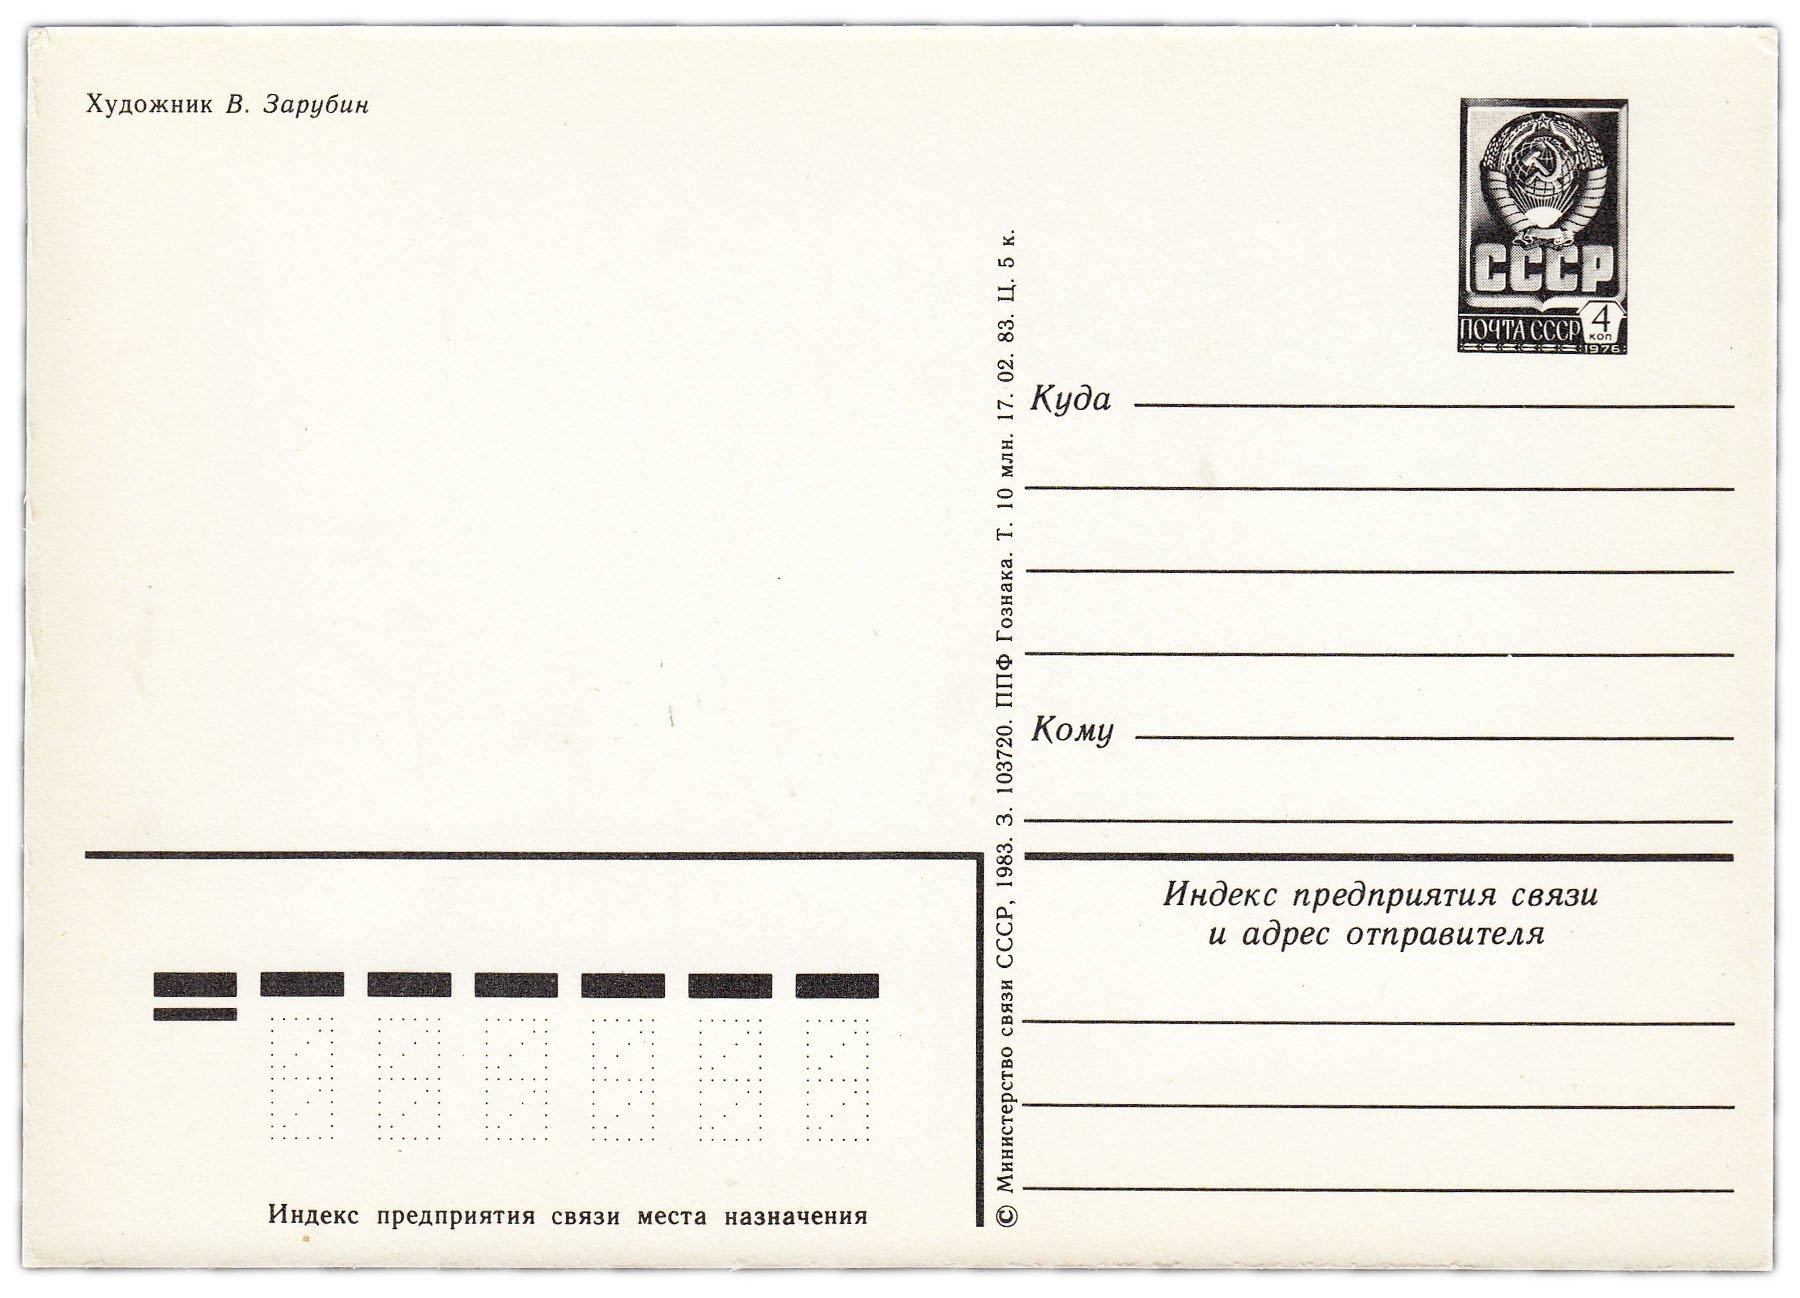 Что писать на обороте открытки